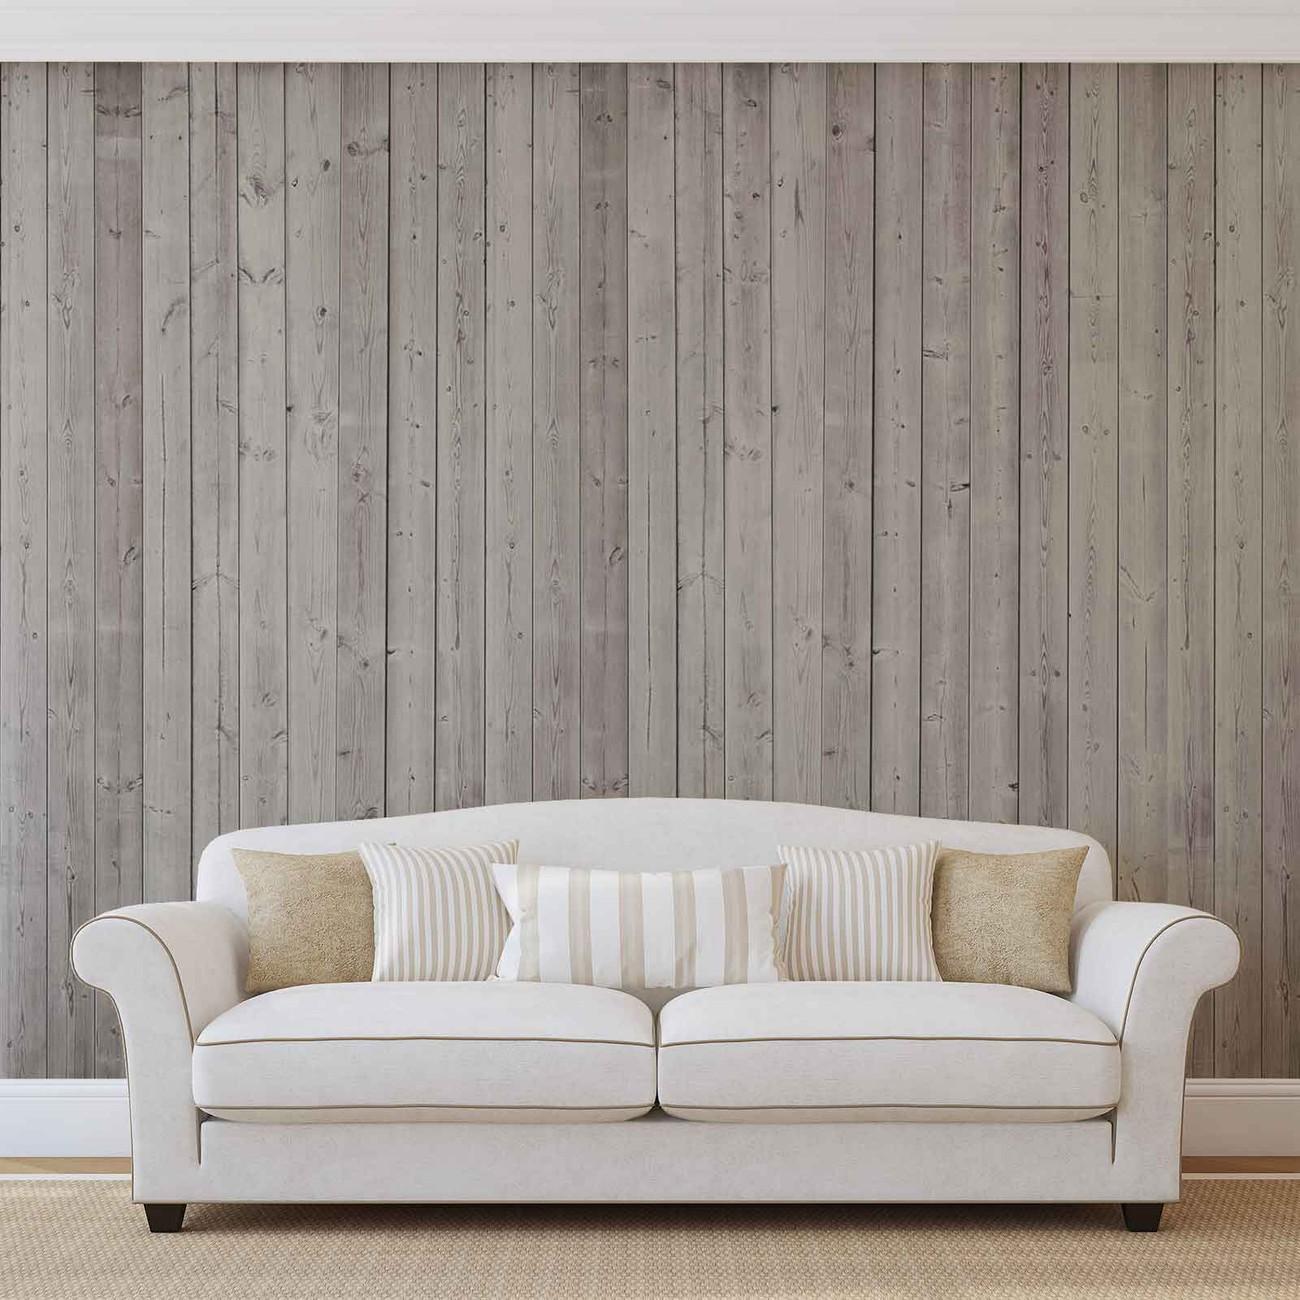 Decoration en bois flotte planche bois flotte acheter for Acheter decoration